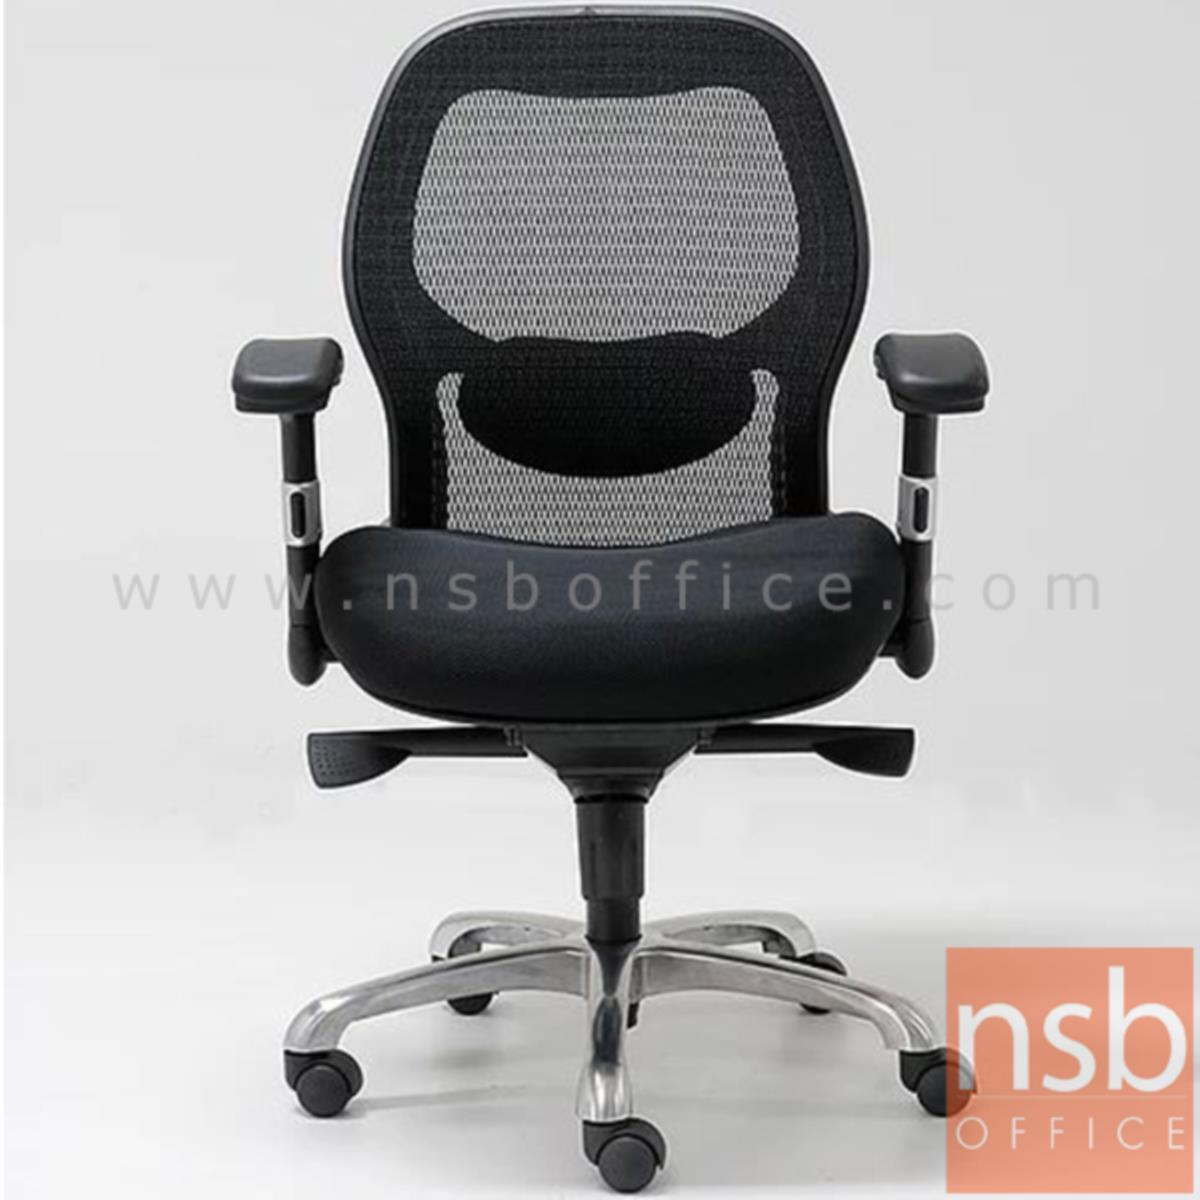 เก้าอี้ผู้บริหารหลังเน็ต รุ่น Ehrlich (แอร์ลิช)  โช๊คแก๊ส มีก้อนโยก ขาอลูมิเนียม